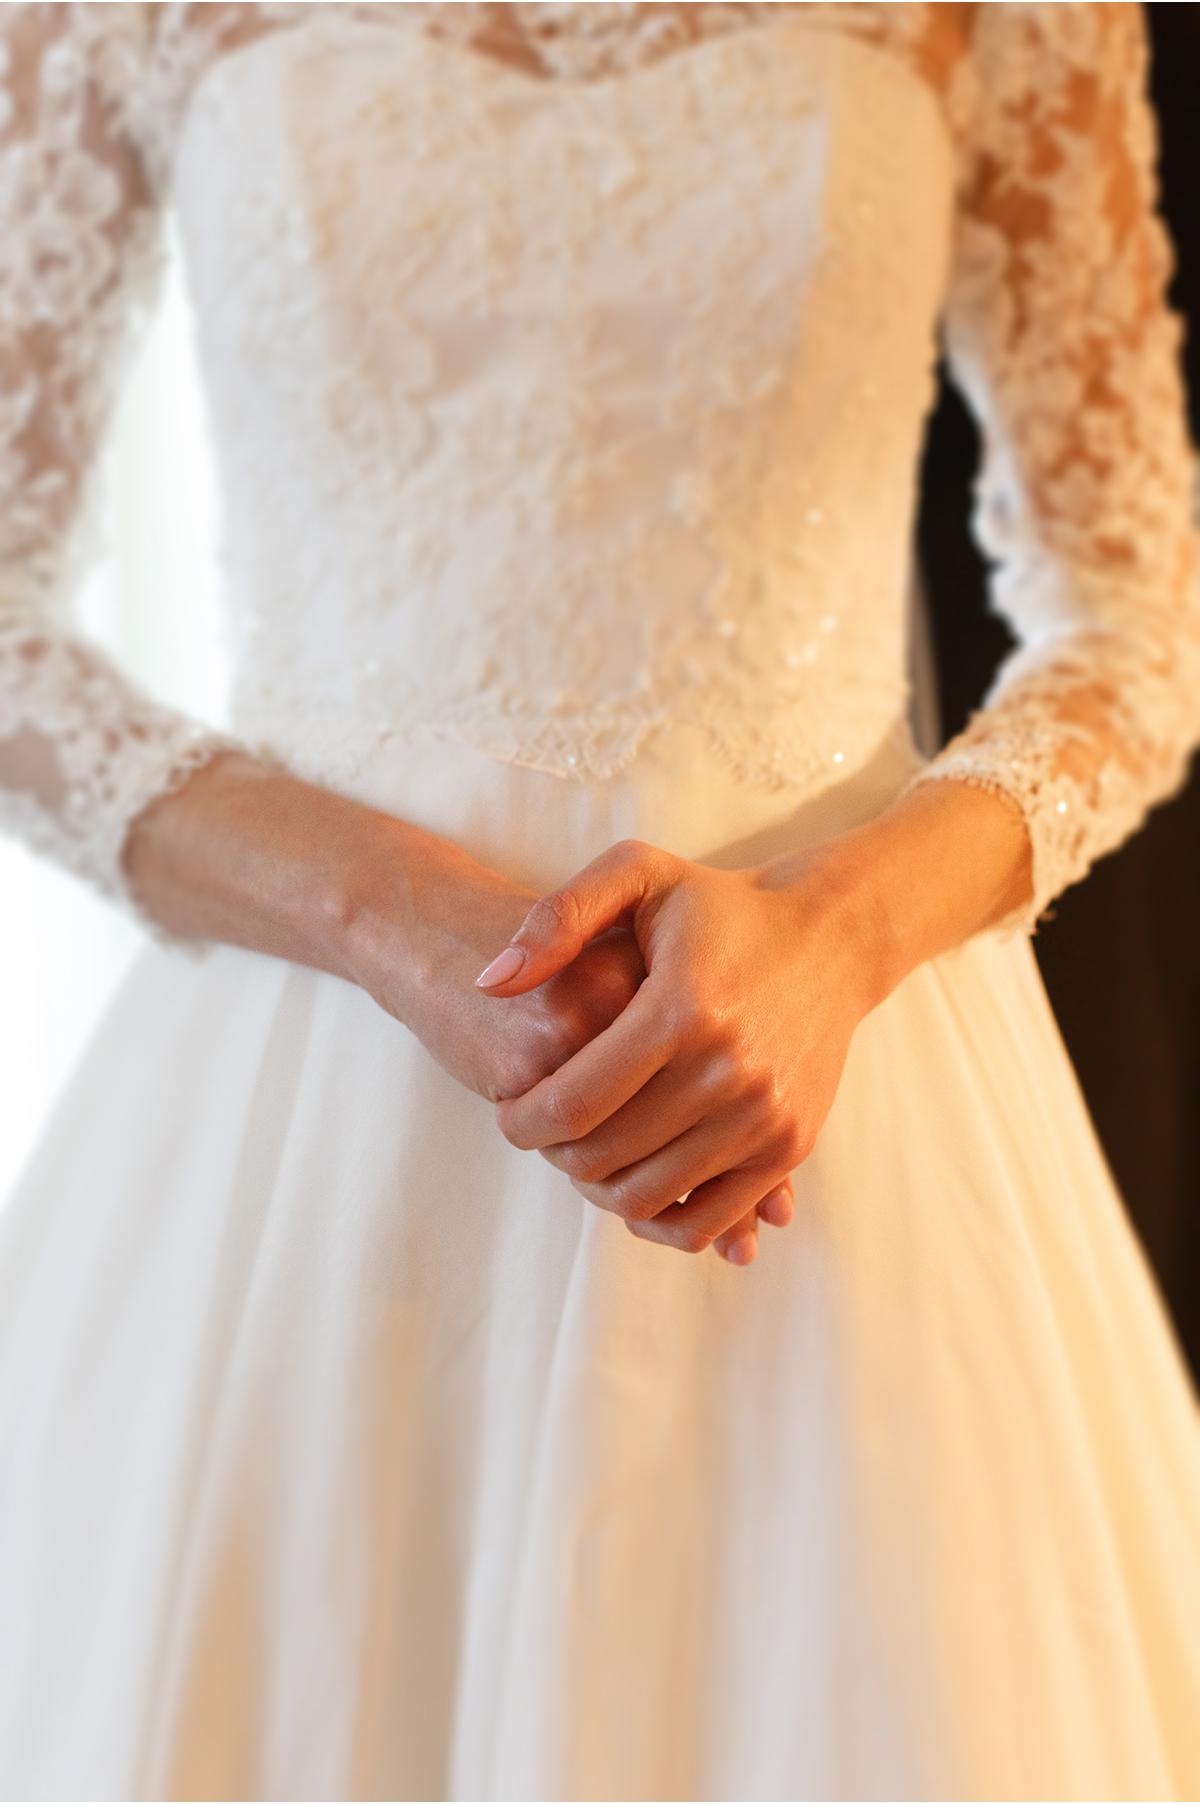 Bride holds her hands together